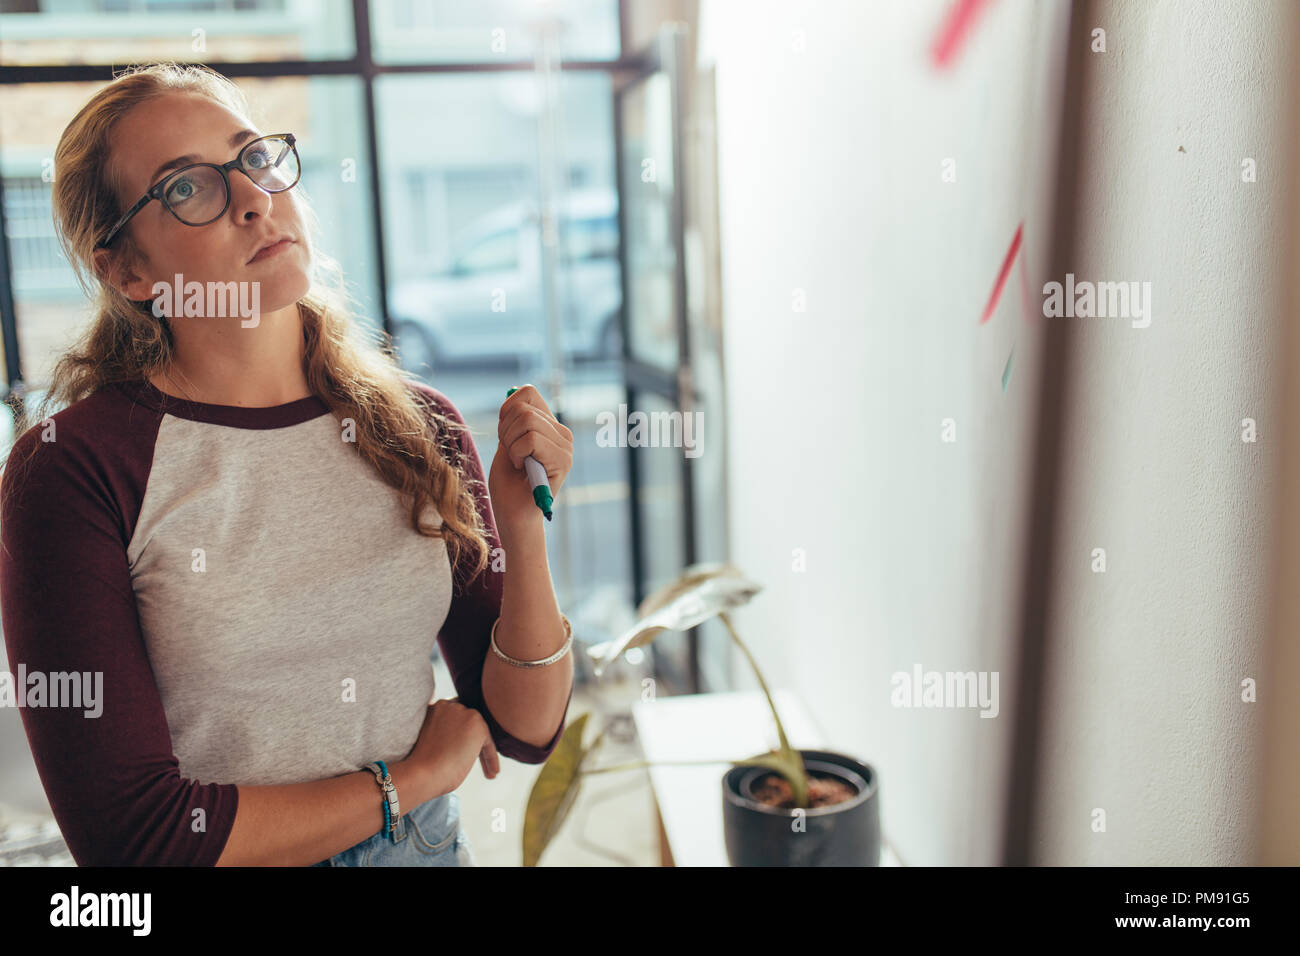 Junge Frau, die in Büro- und Blick auf die Schautafel denken. Weibliche Programmierer denken über neue Projekt Plan am tech Start Stockbild